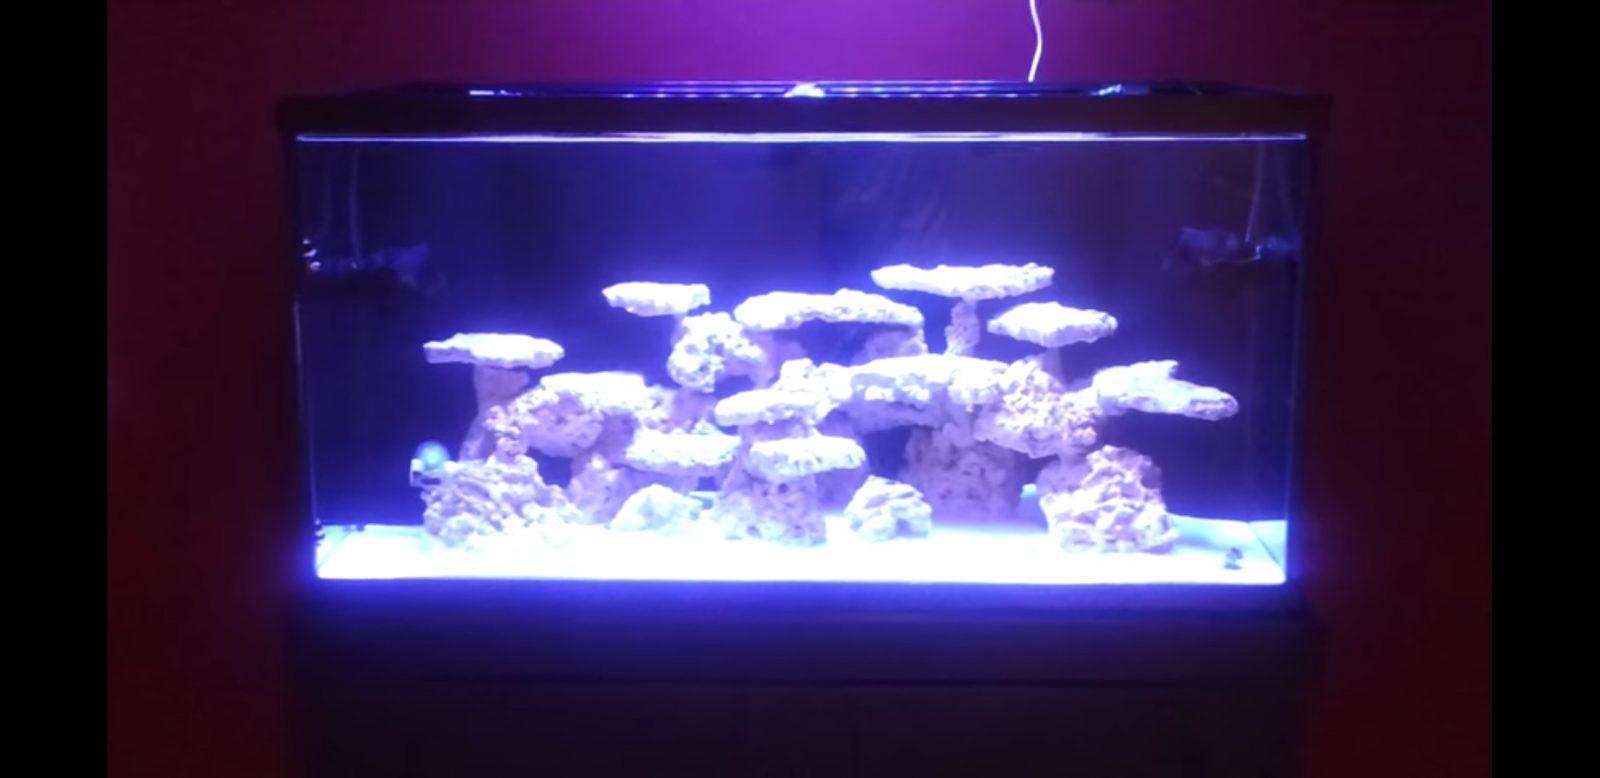 大西洋v4水族馆灯